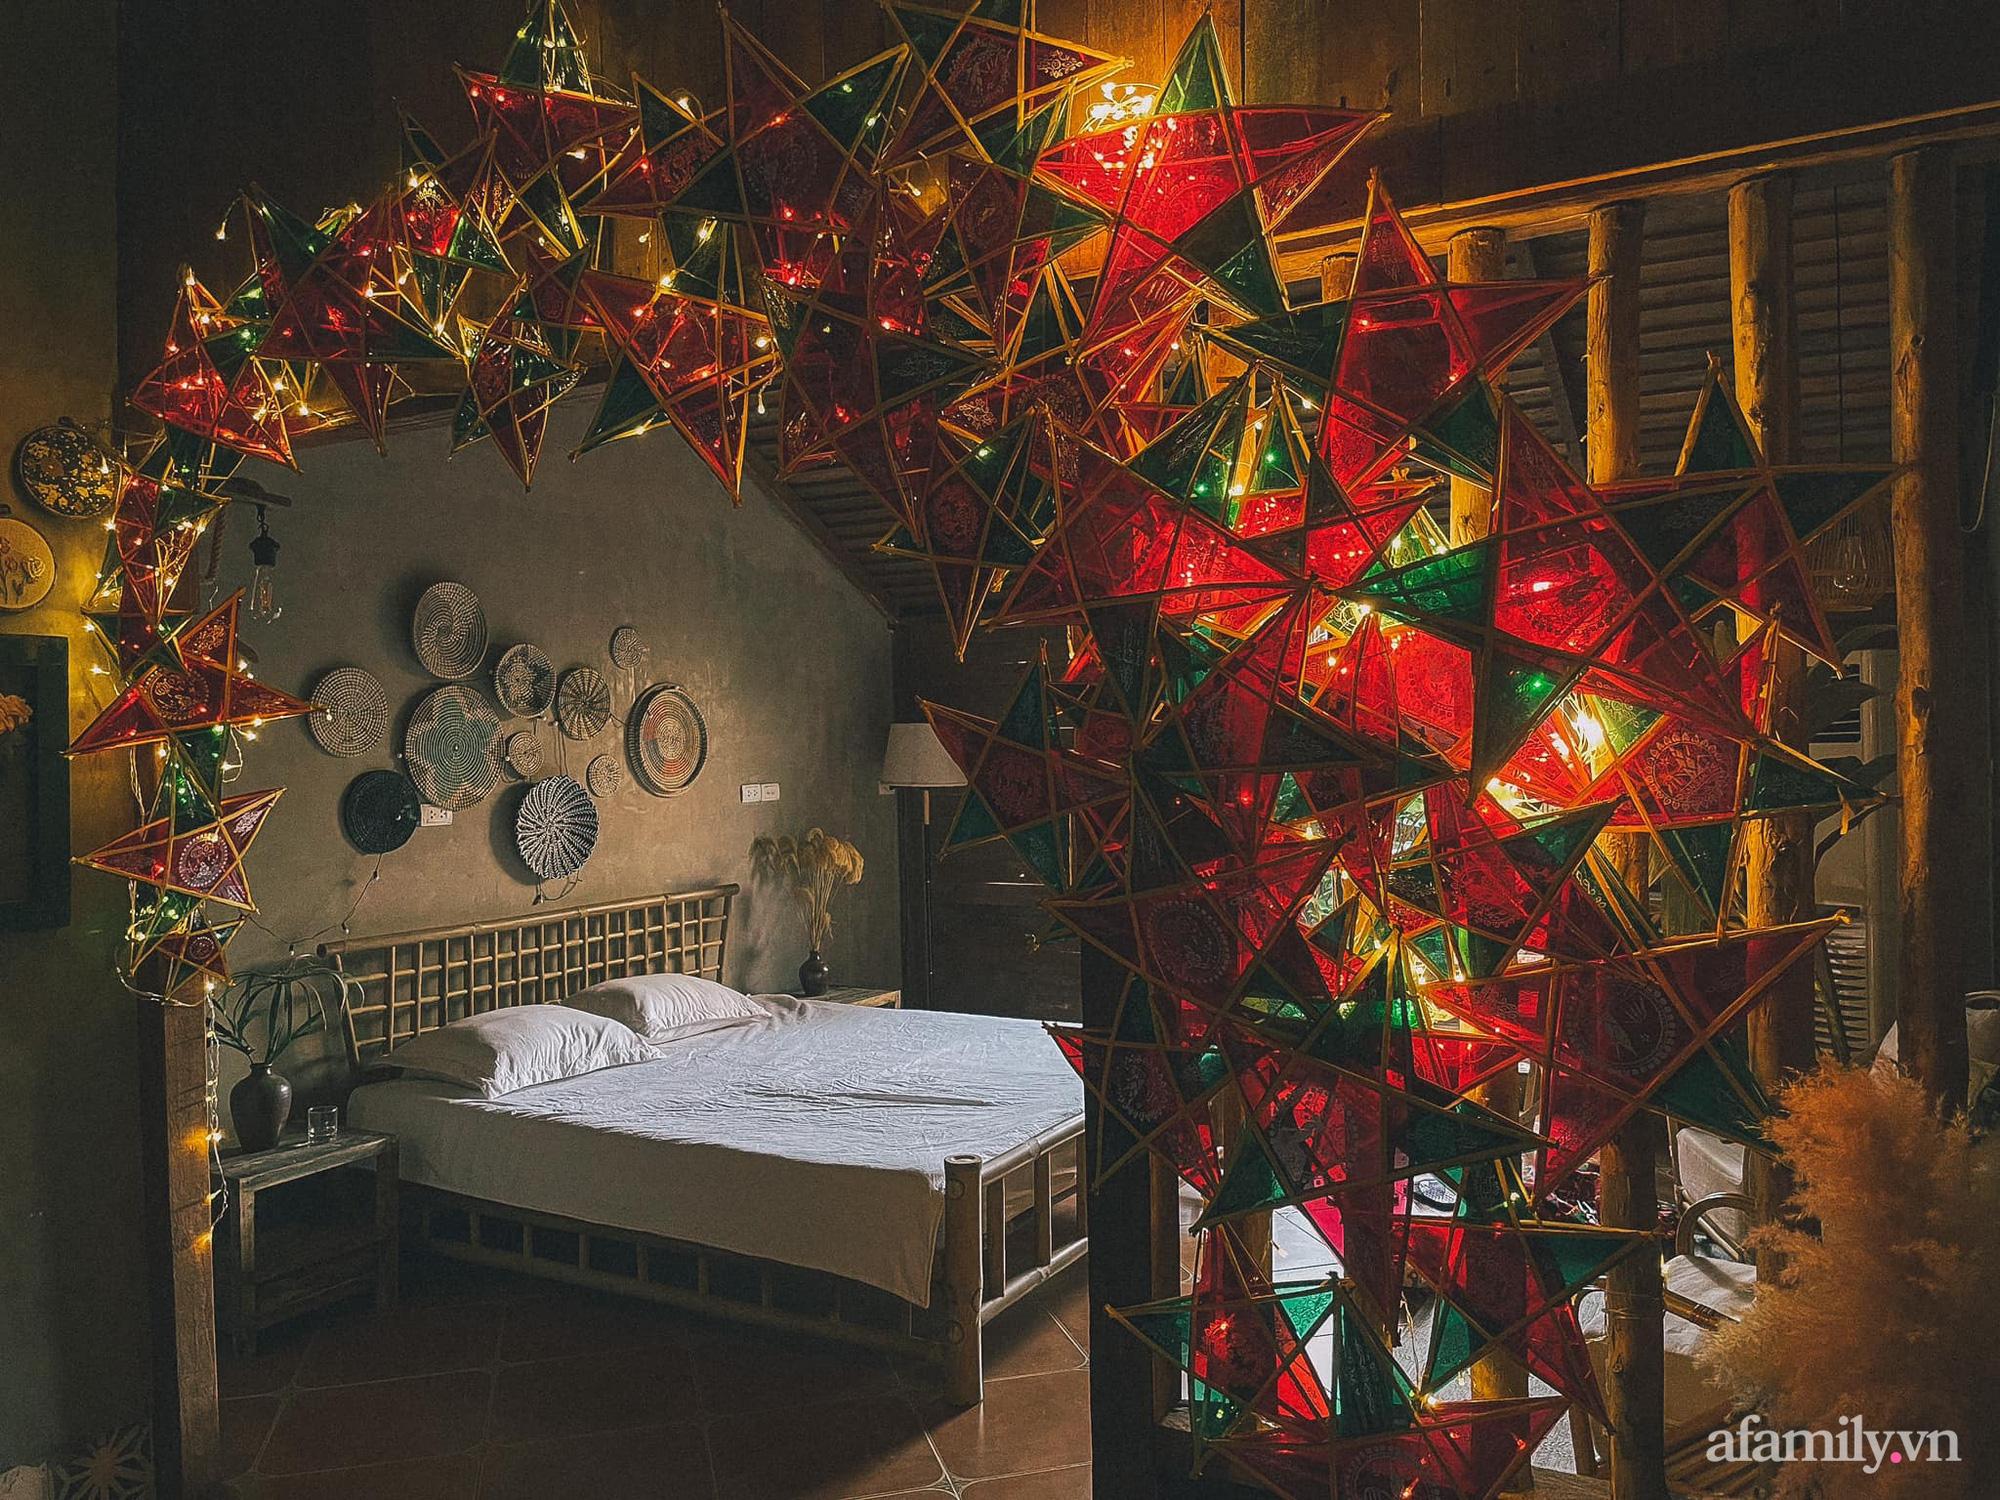 Phòng ngủ lung linh rực rỡ sắc màu Trung thu nhờ bàn tay khéo decor của cô gái Hà Nội-1